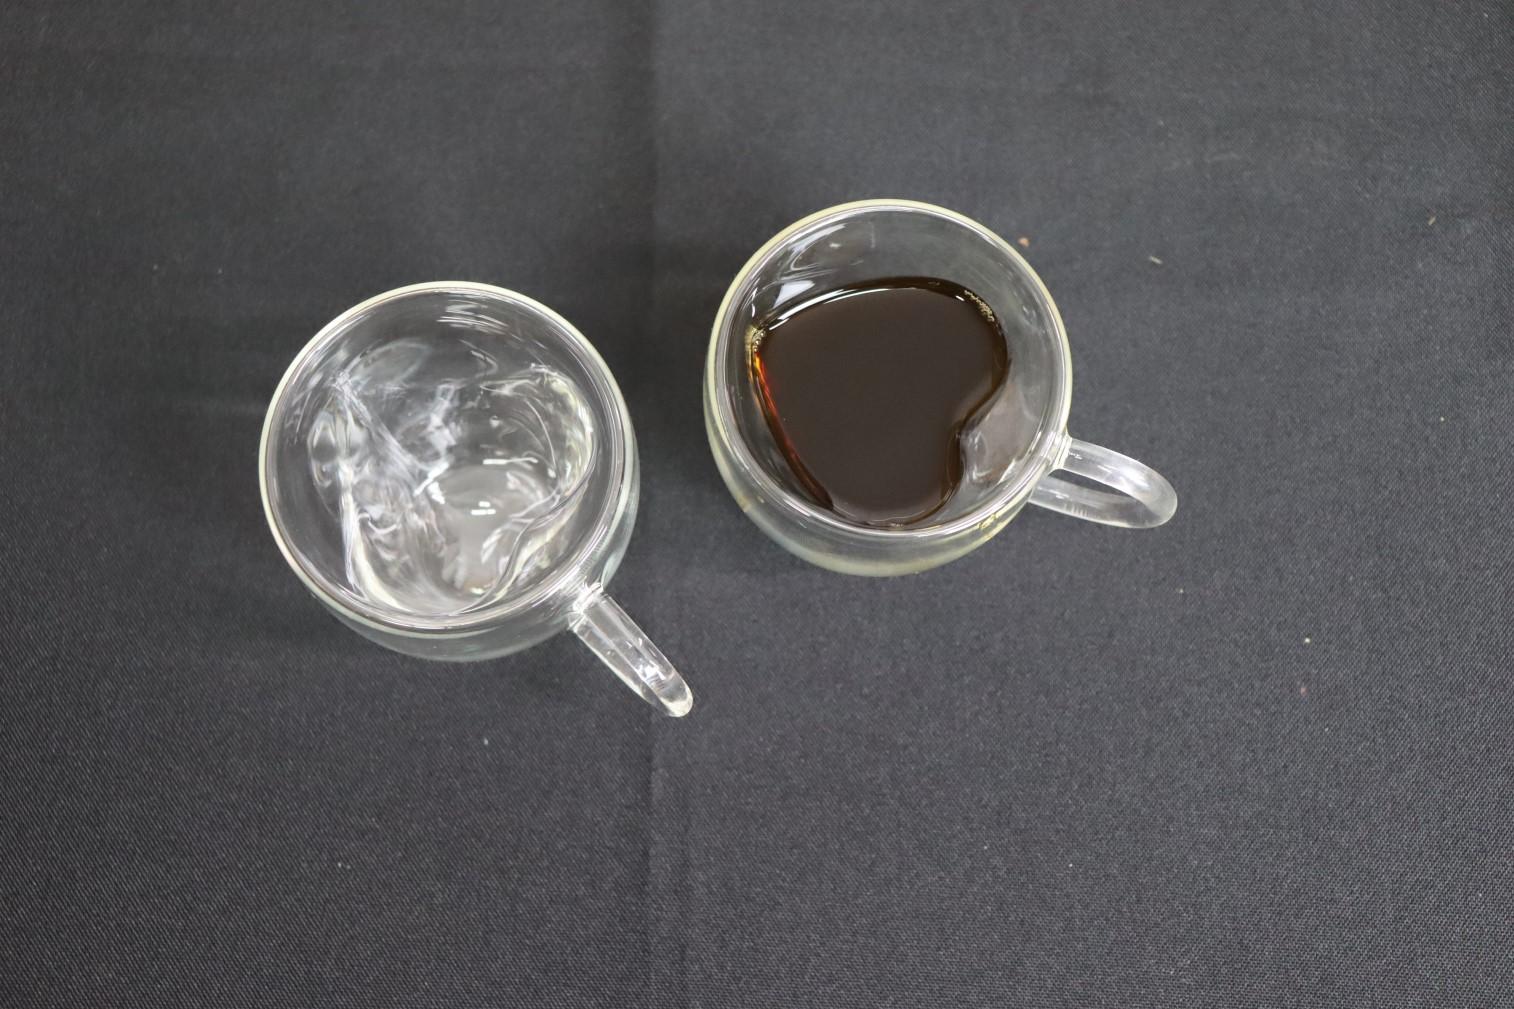 xícara de café parede dupla camada de vidro 2 unidades 80mL caneca de cafe nespesso dolcegusto